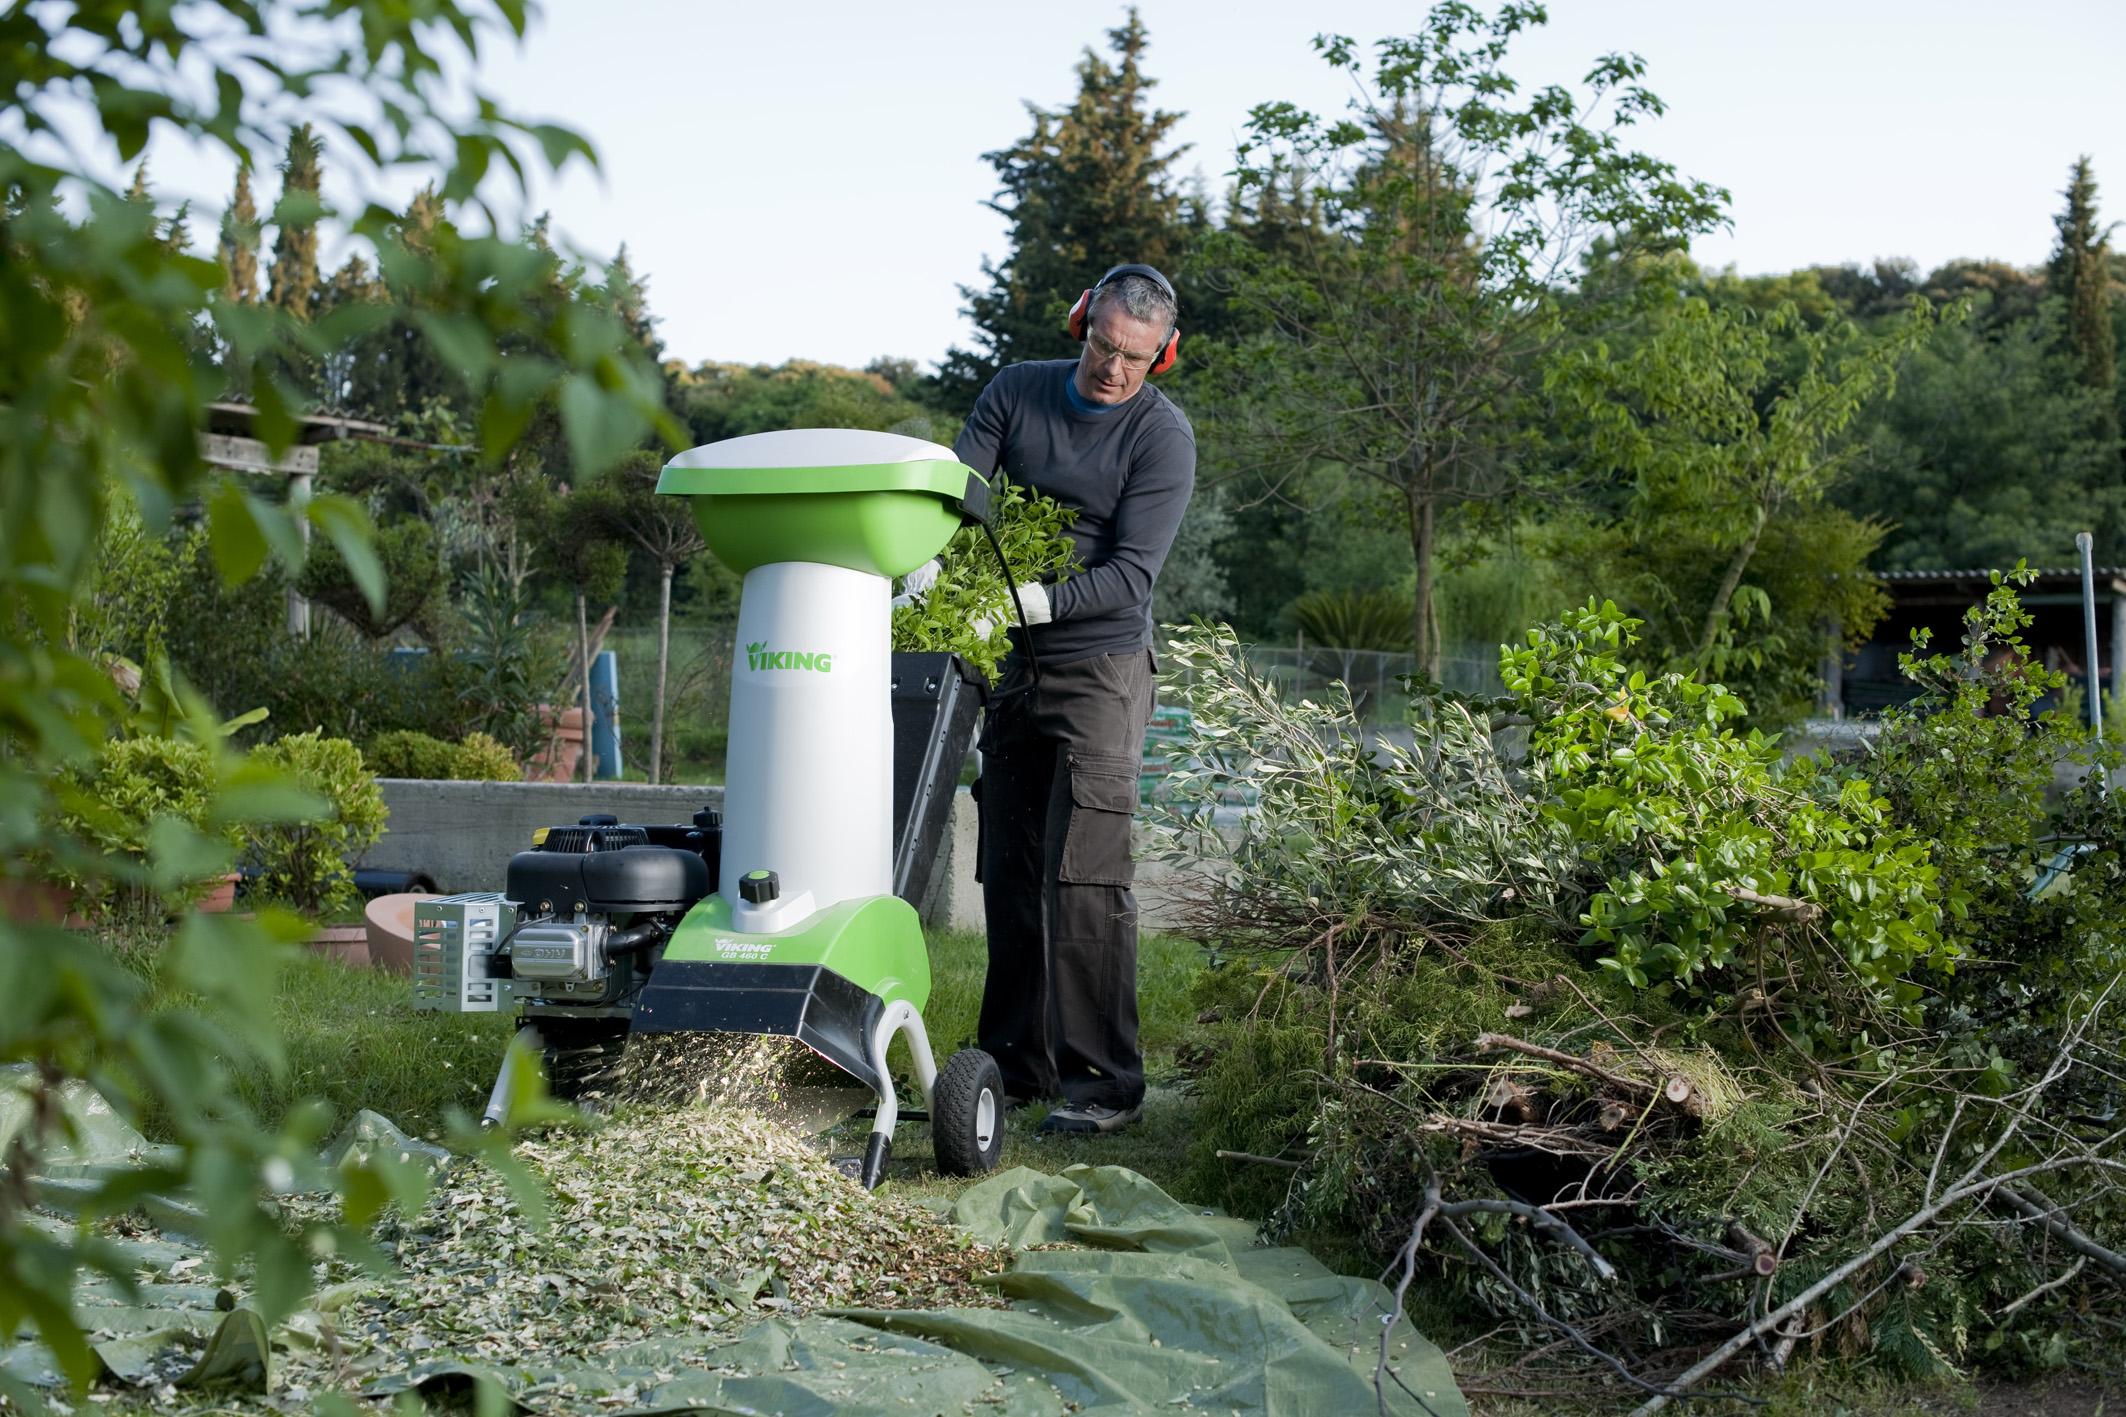 Советы по выбору садового измельчителя